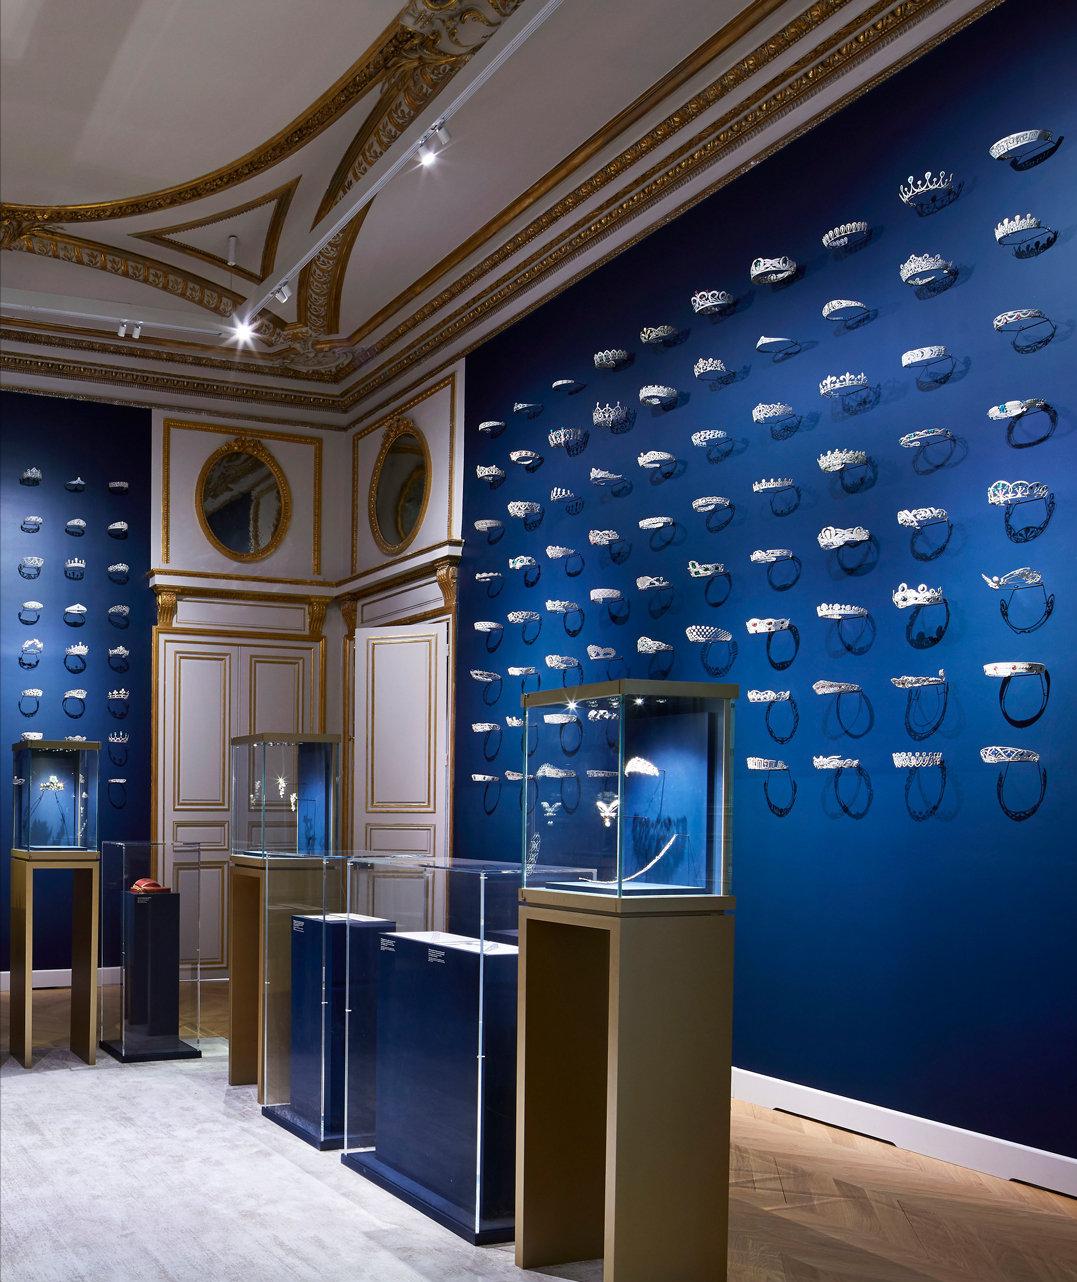 高圆圆女神节代言的尚美巴黎,是什么样的奢侈品大牌珠宝